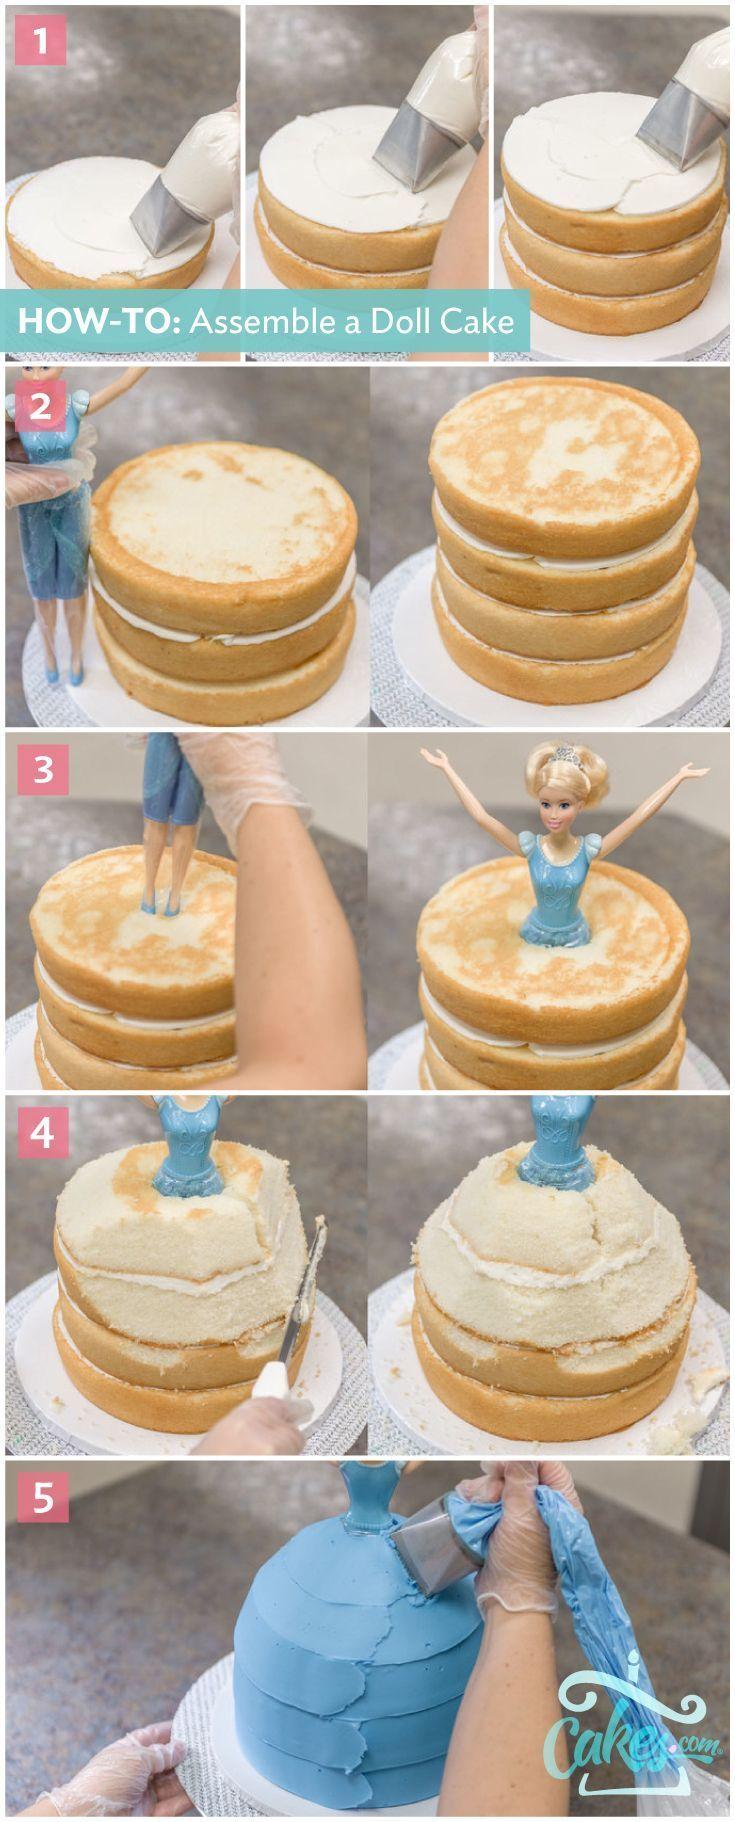 How To Make A Disney Princess Cinderella Doll Cake